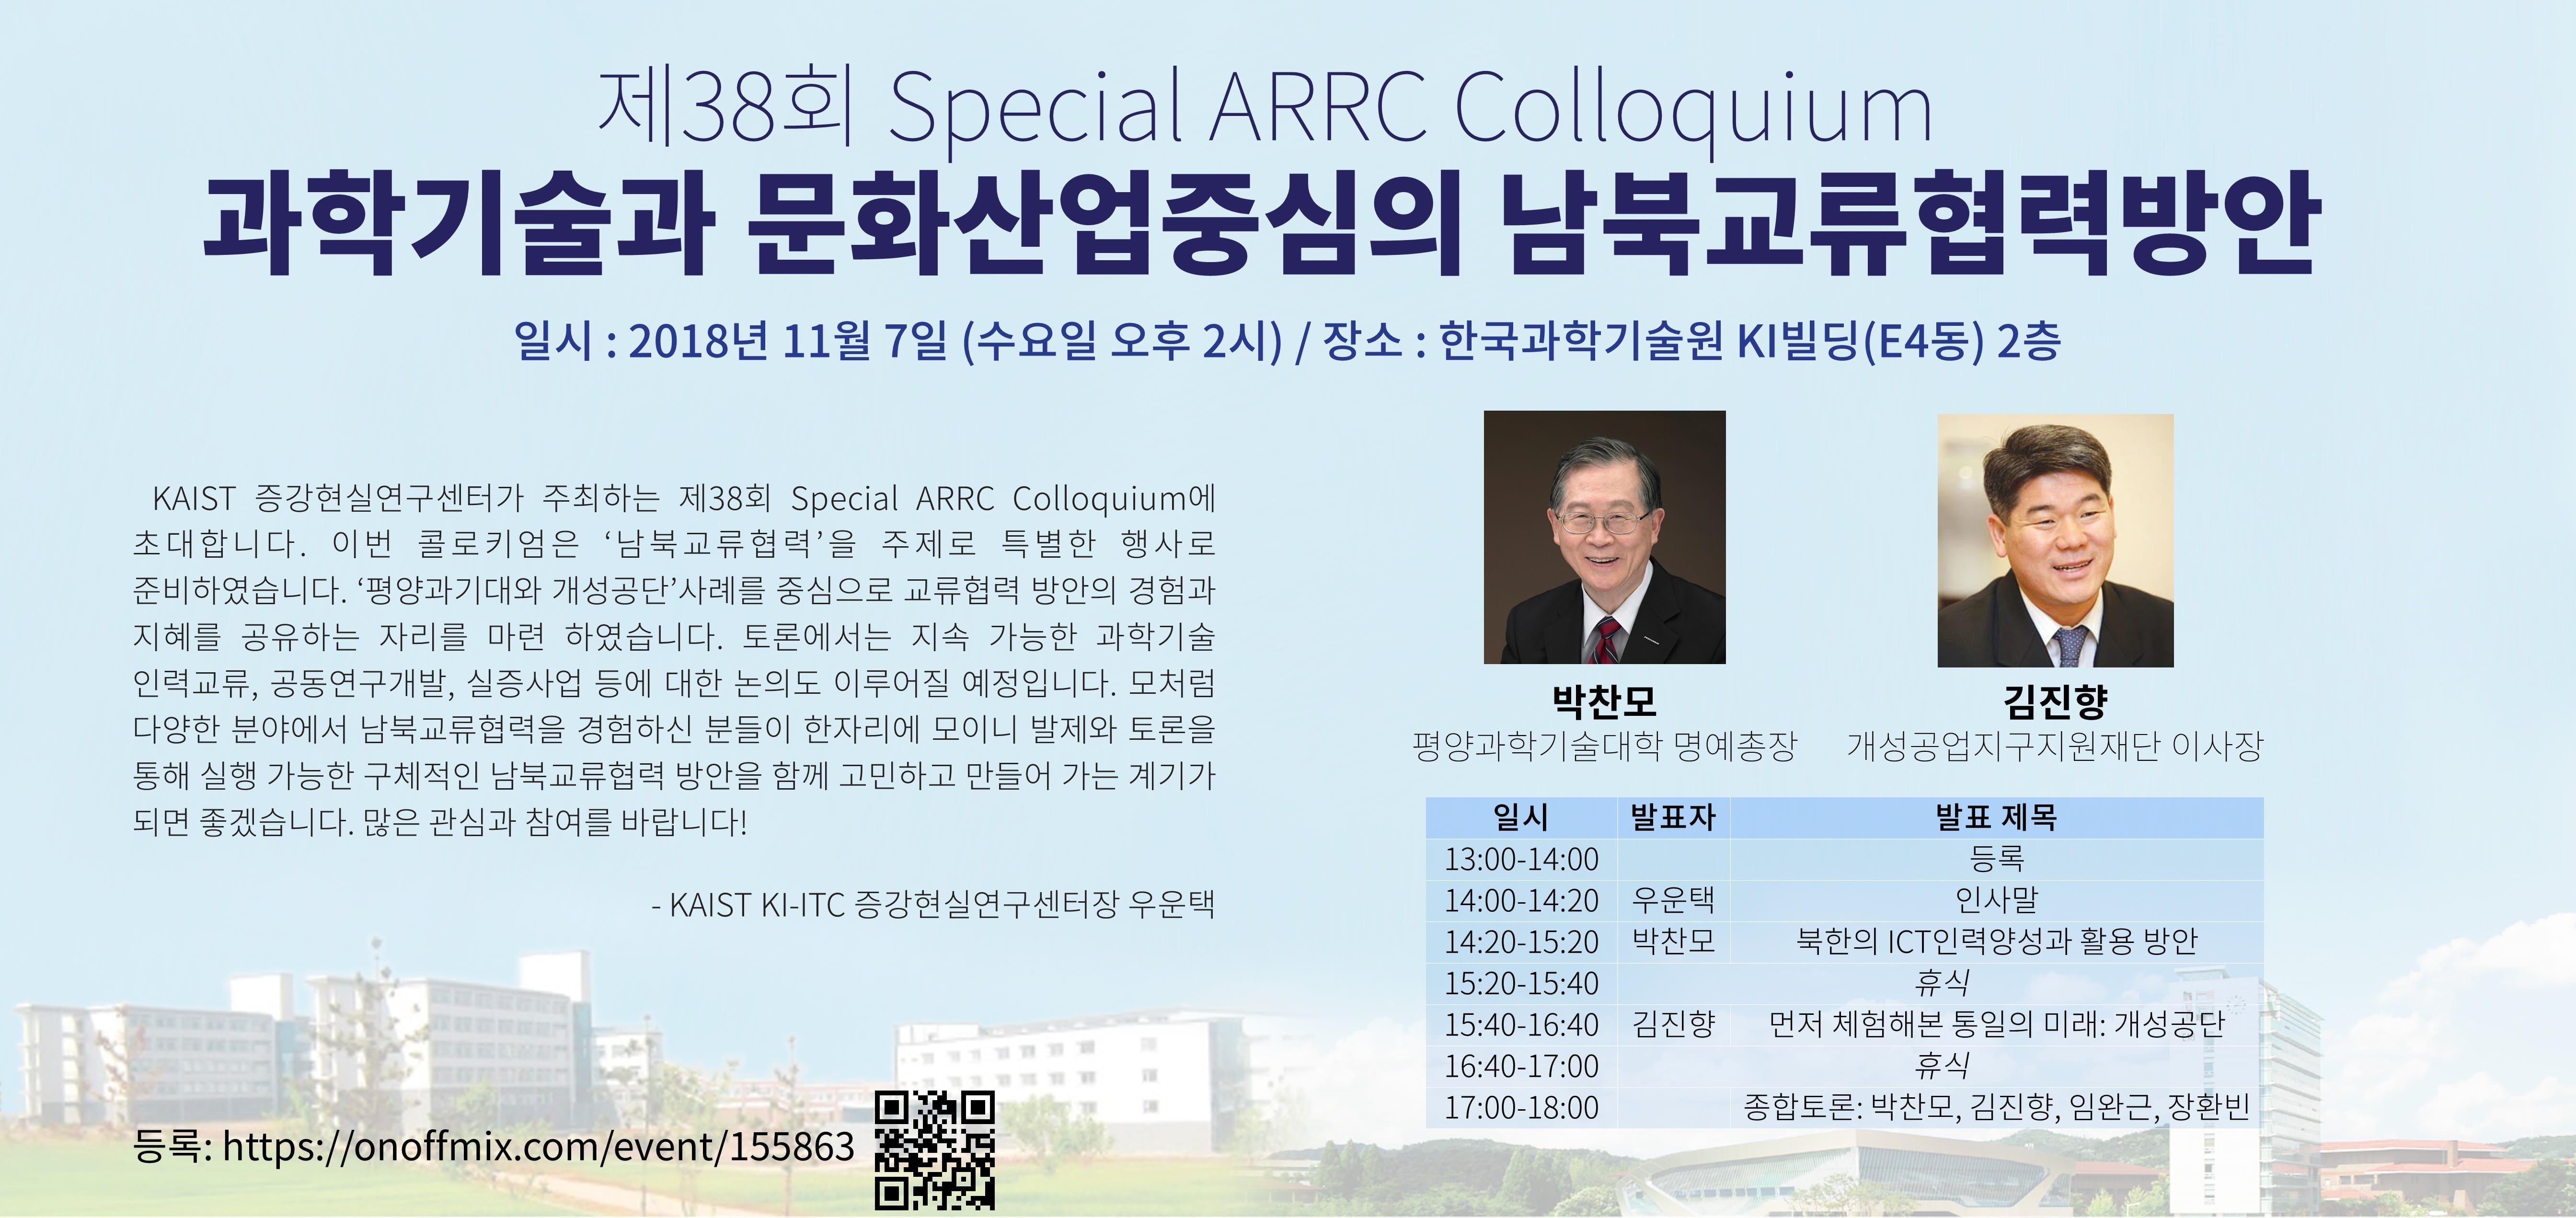 """제38회 Special ARRC Colloquium """"과학기술과 문화산업중심의 남북교류협력방안"""""""